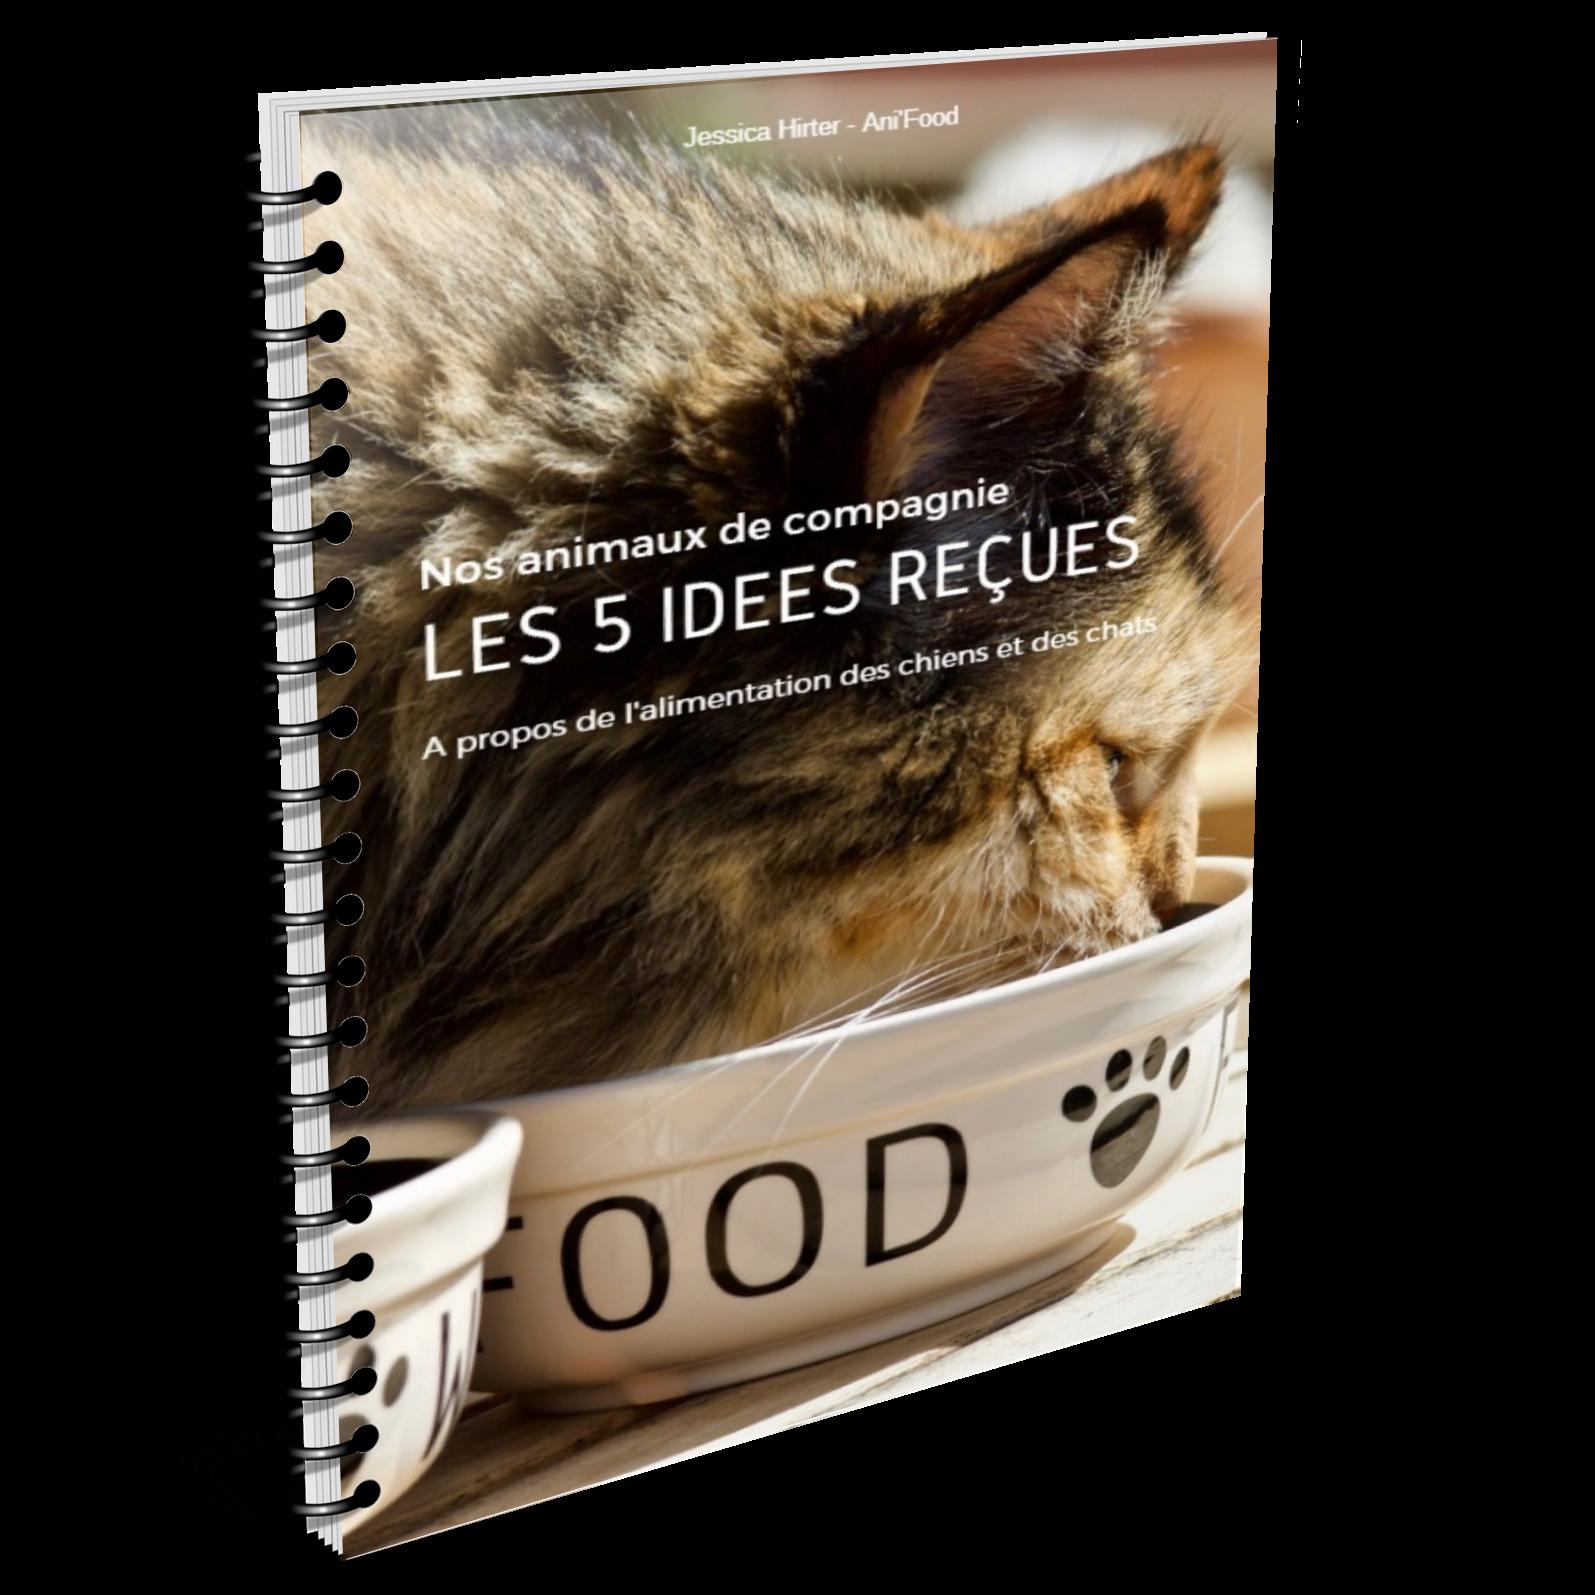 les 5 idées recues sur l'alimentation des chiens et des chats